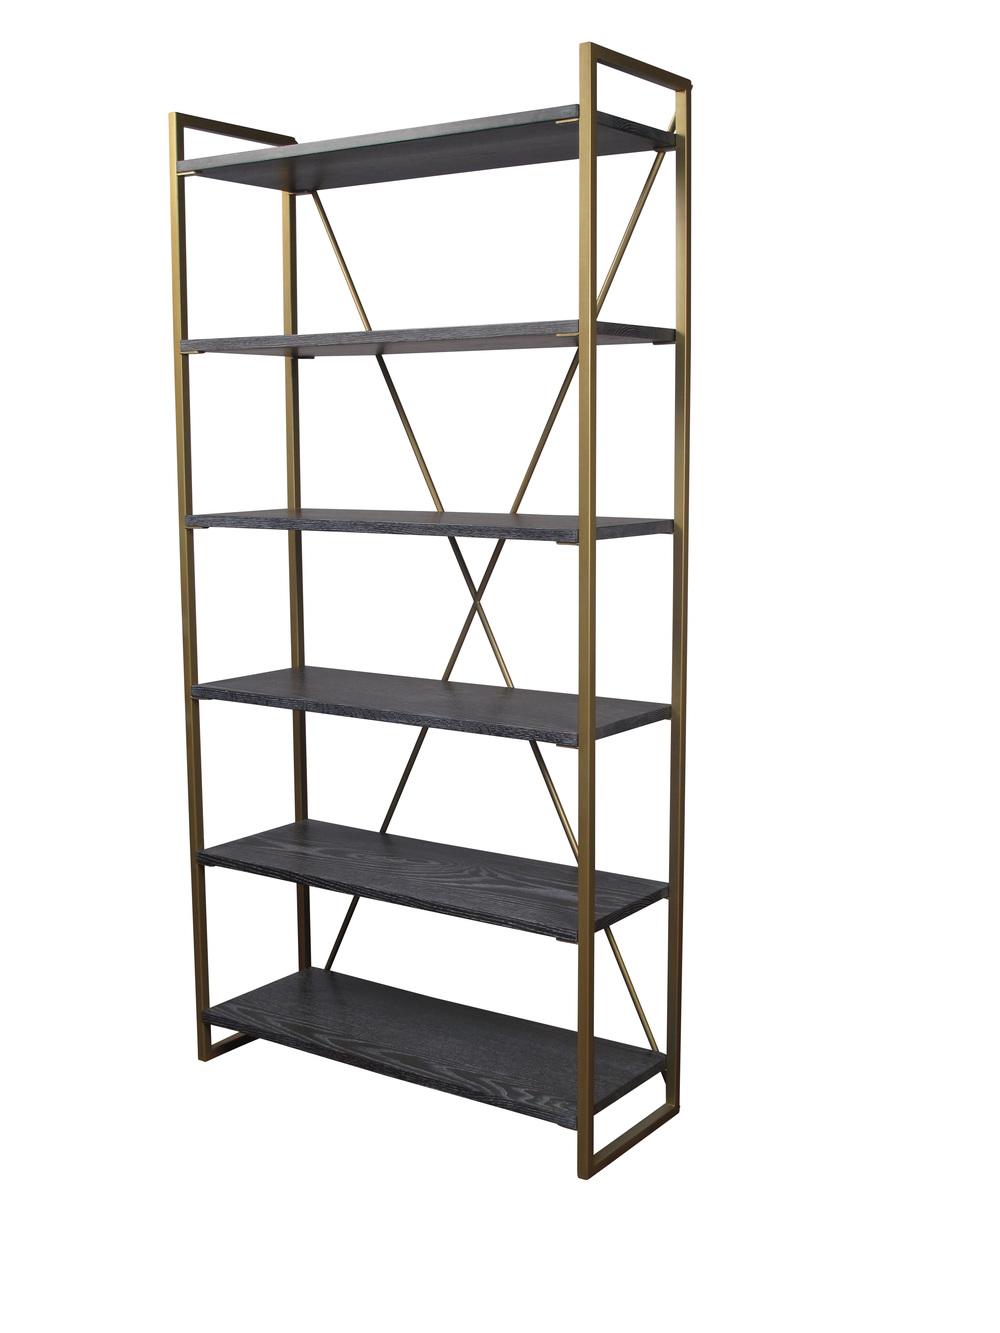 CHESTER Bookshelf